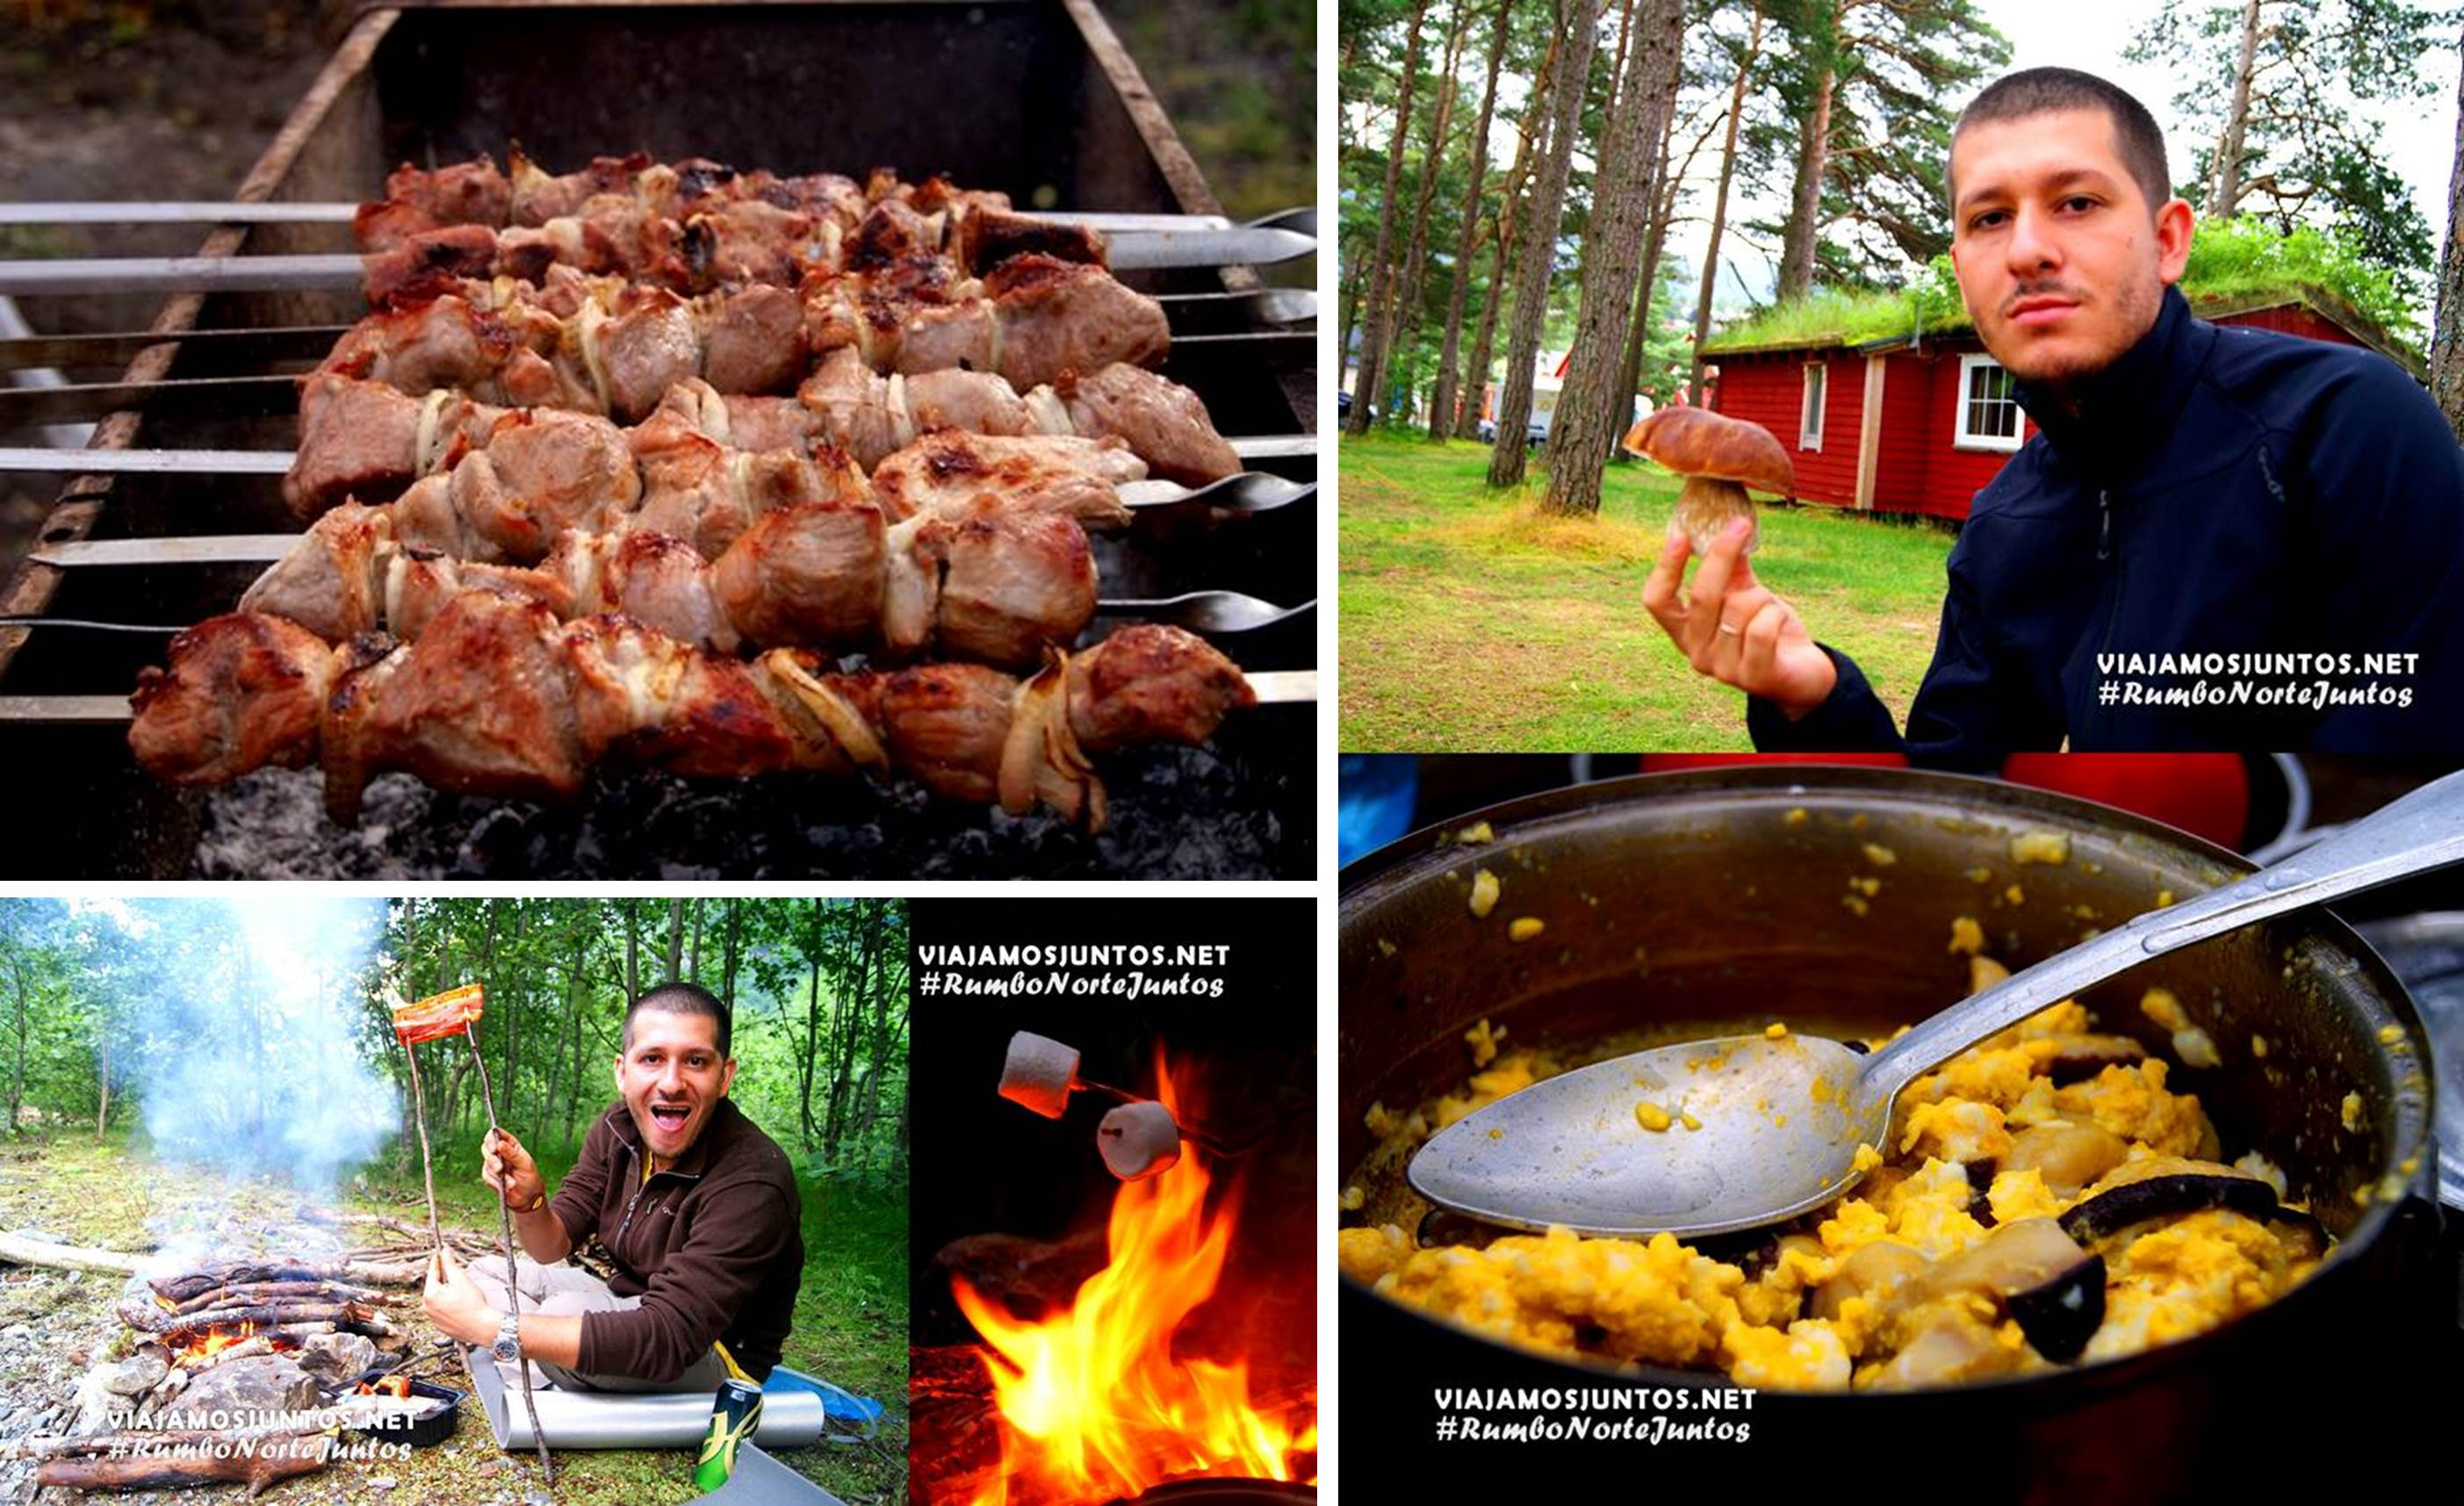 Diferentes platos cocinados por nosotros durante viajes